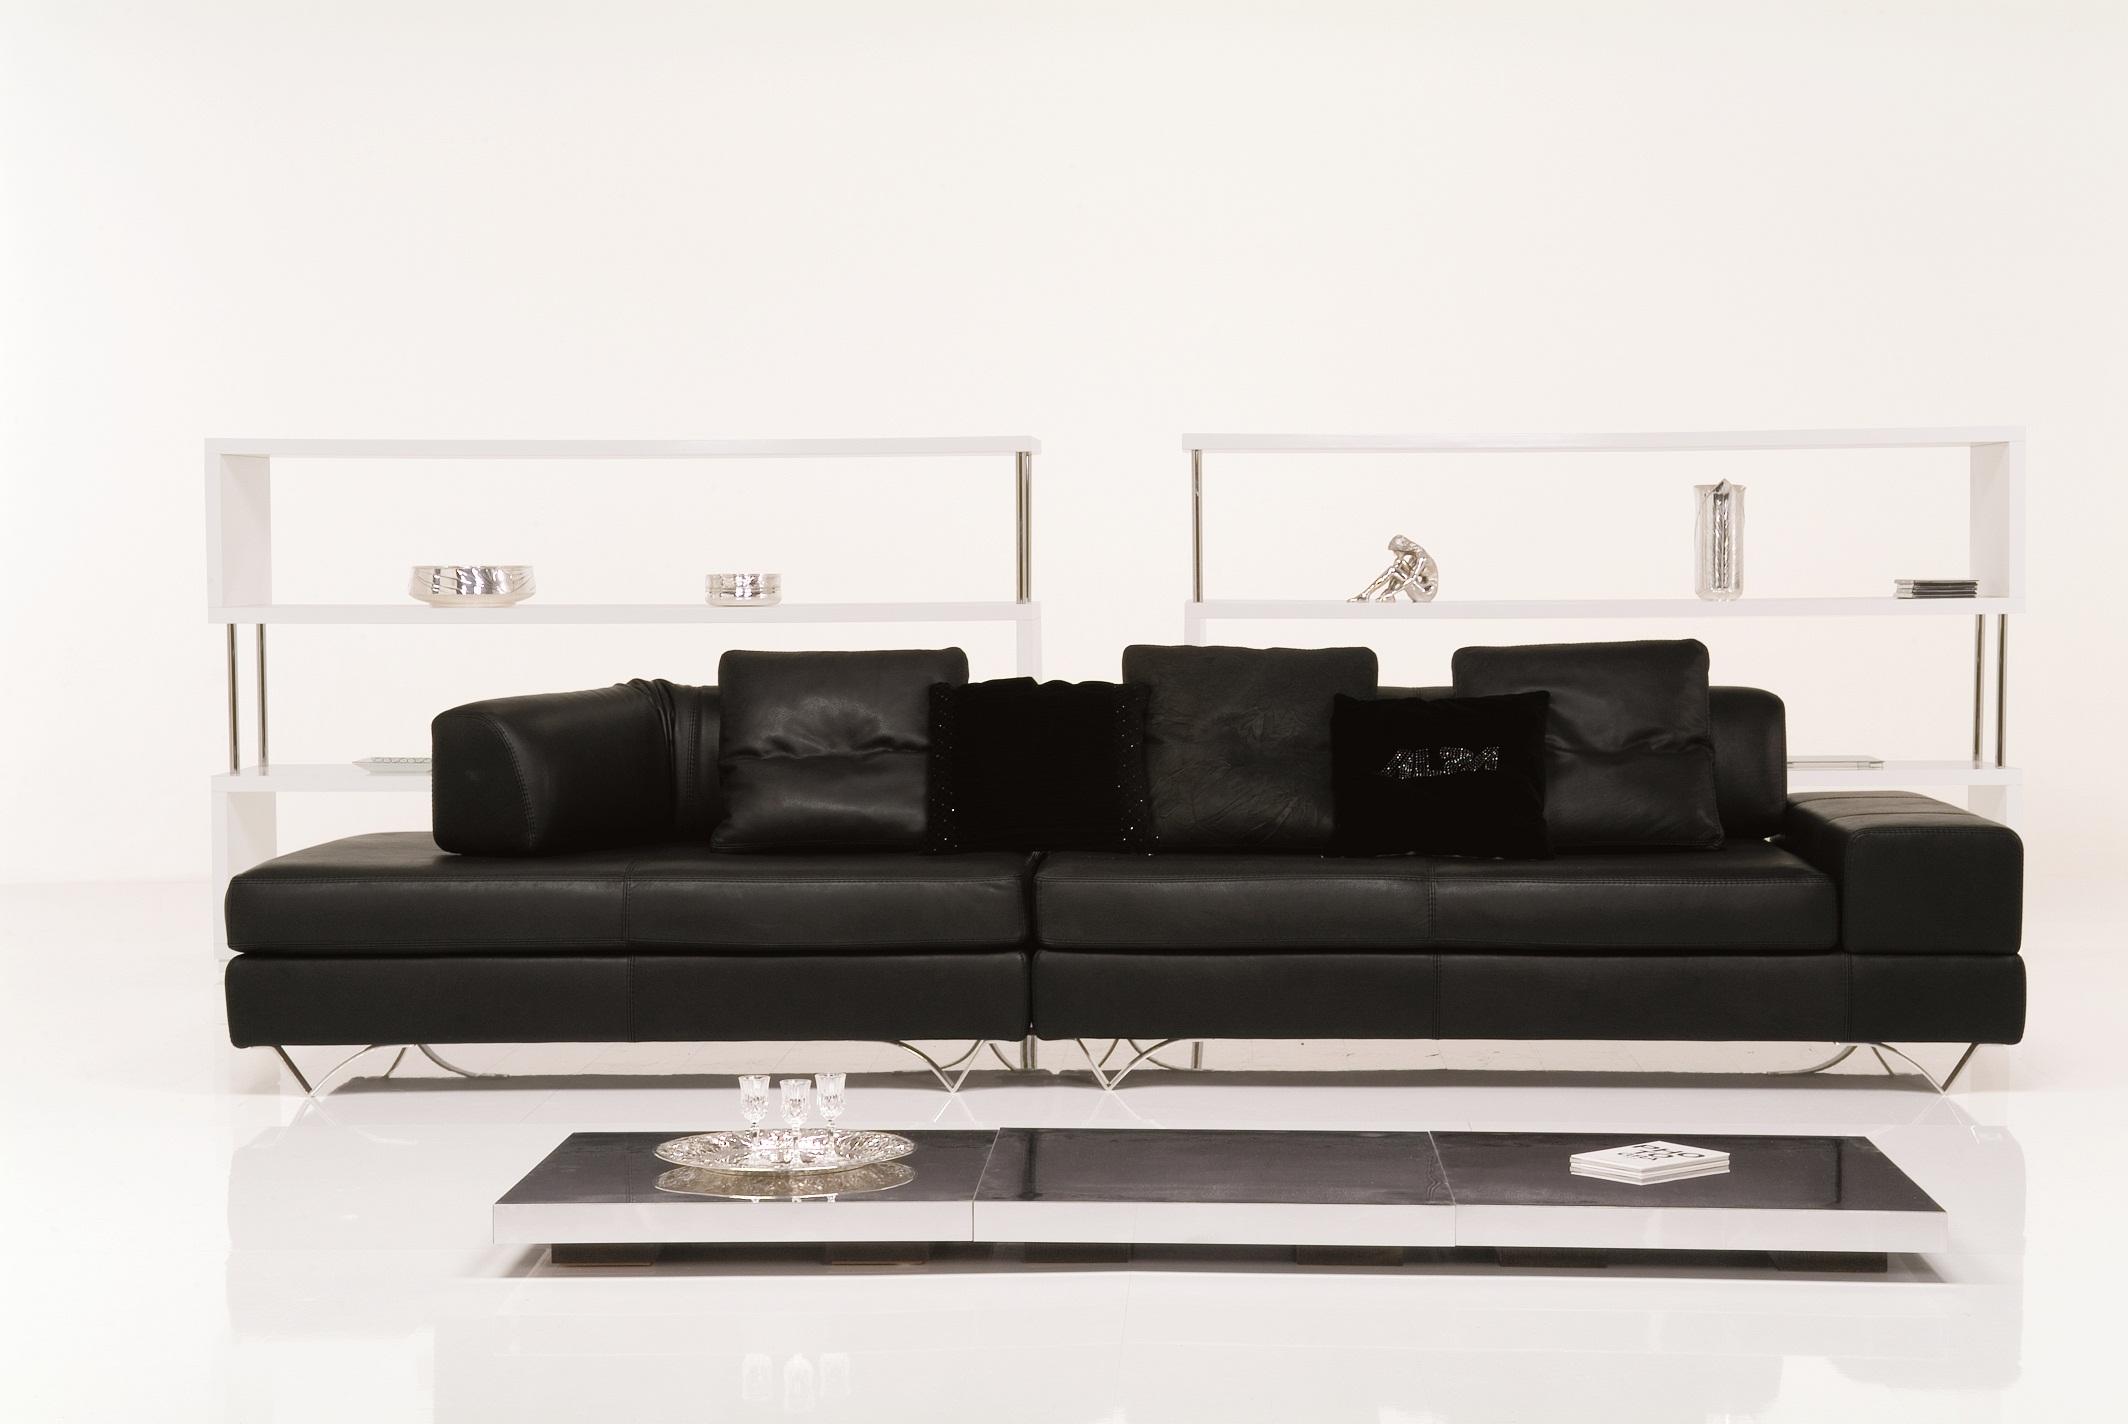 Design & Divani: до 50% скидки на коллекцию мебели 2012 года!